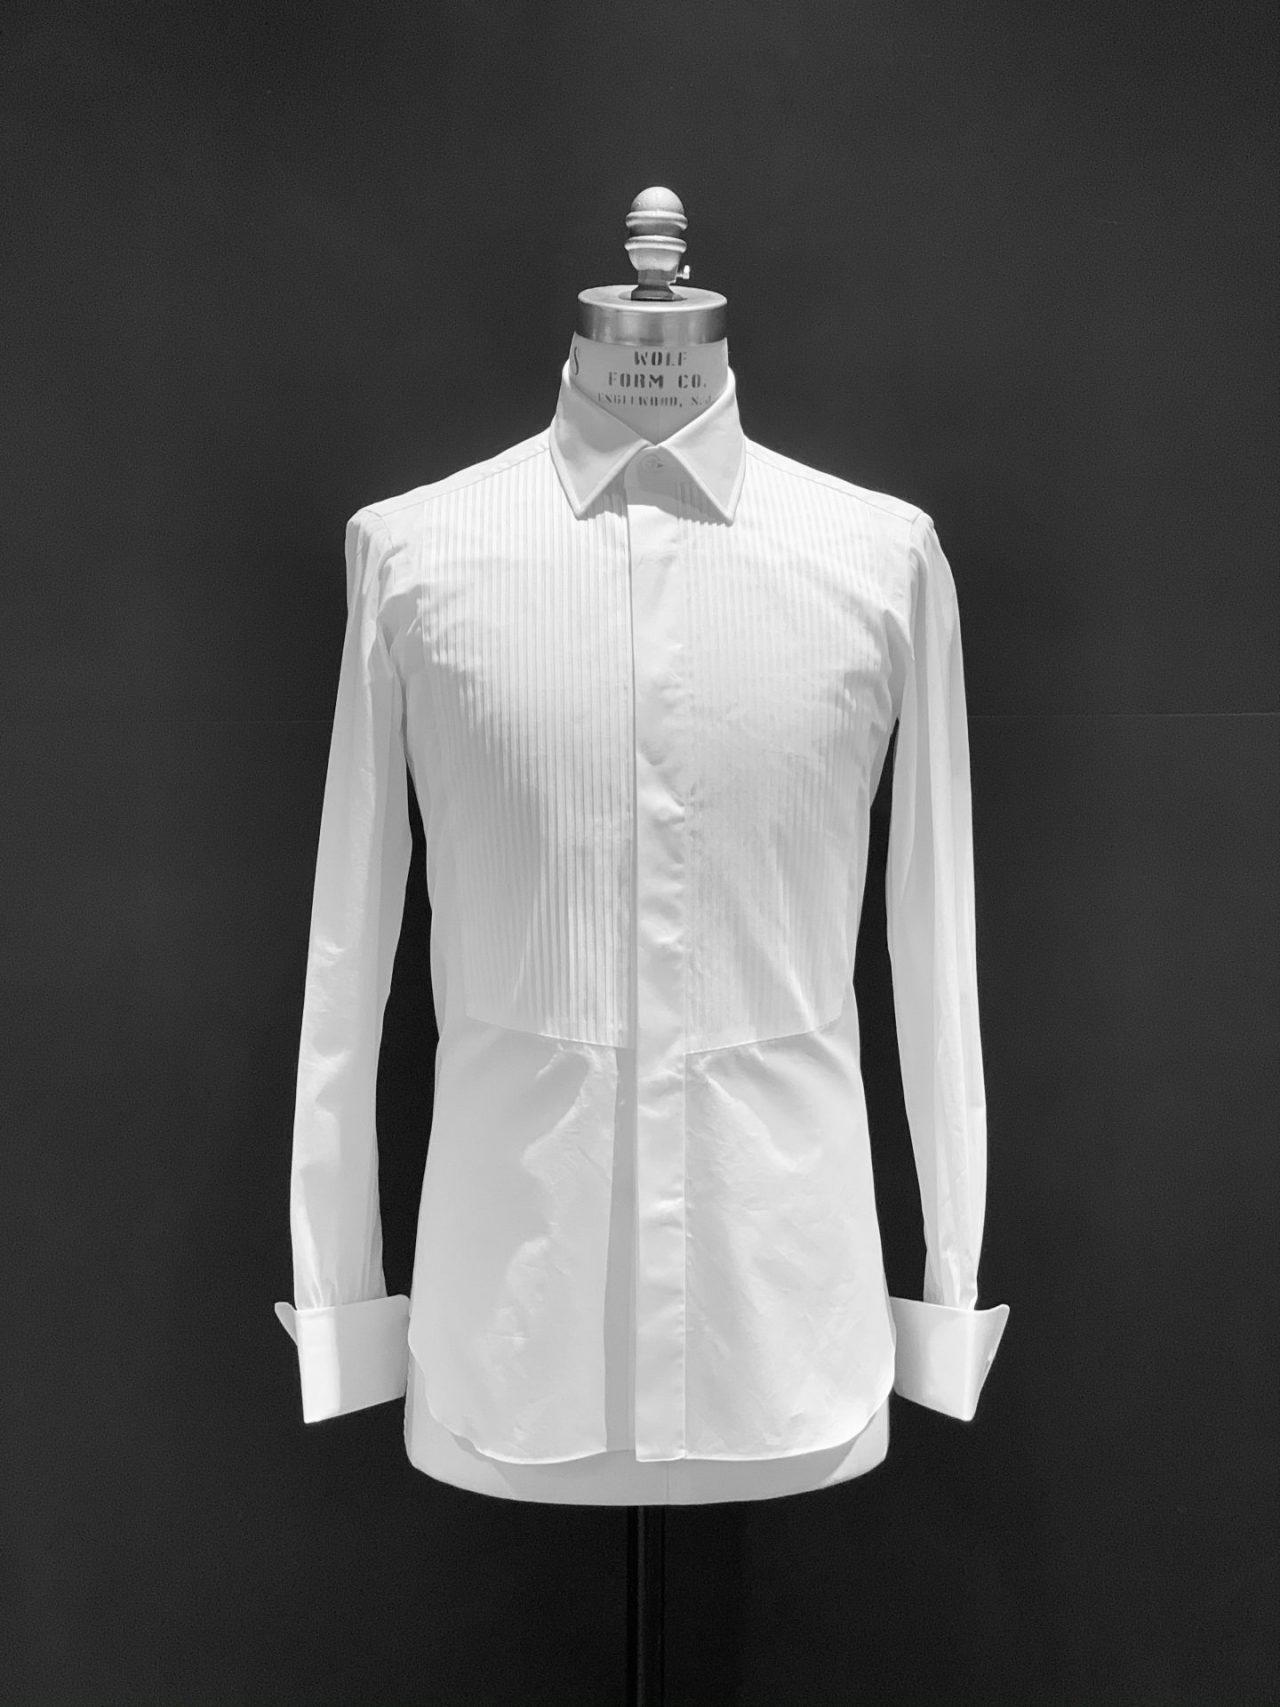 ザ・トリート・ドレッシングでお取り扱いするイタリアブランド、アヴィーノ・ラボラトリオ・ナポレターノ(AVINO Laboratorio Napoletano)は8工程のパーツをハンドで縫製しているのイタリア製の白のドレスシャツです。